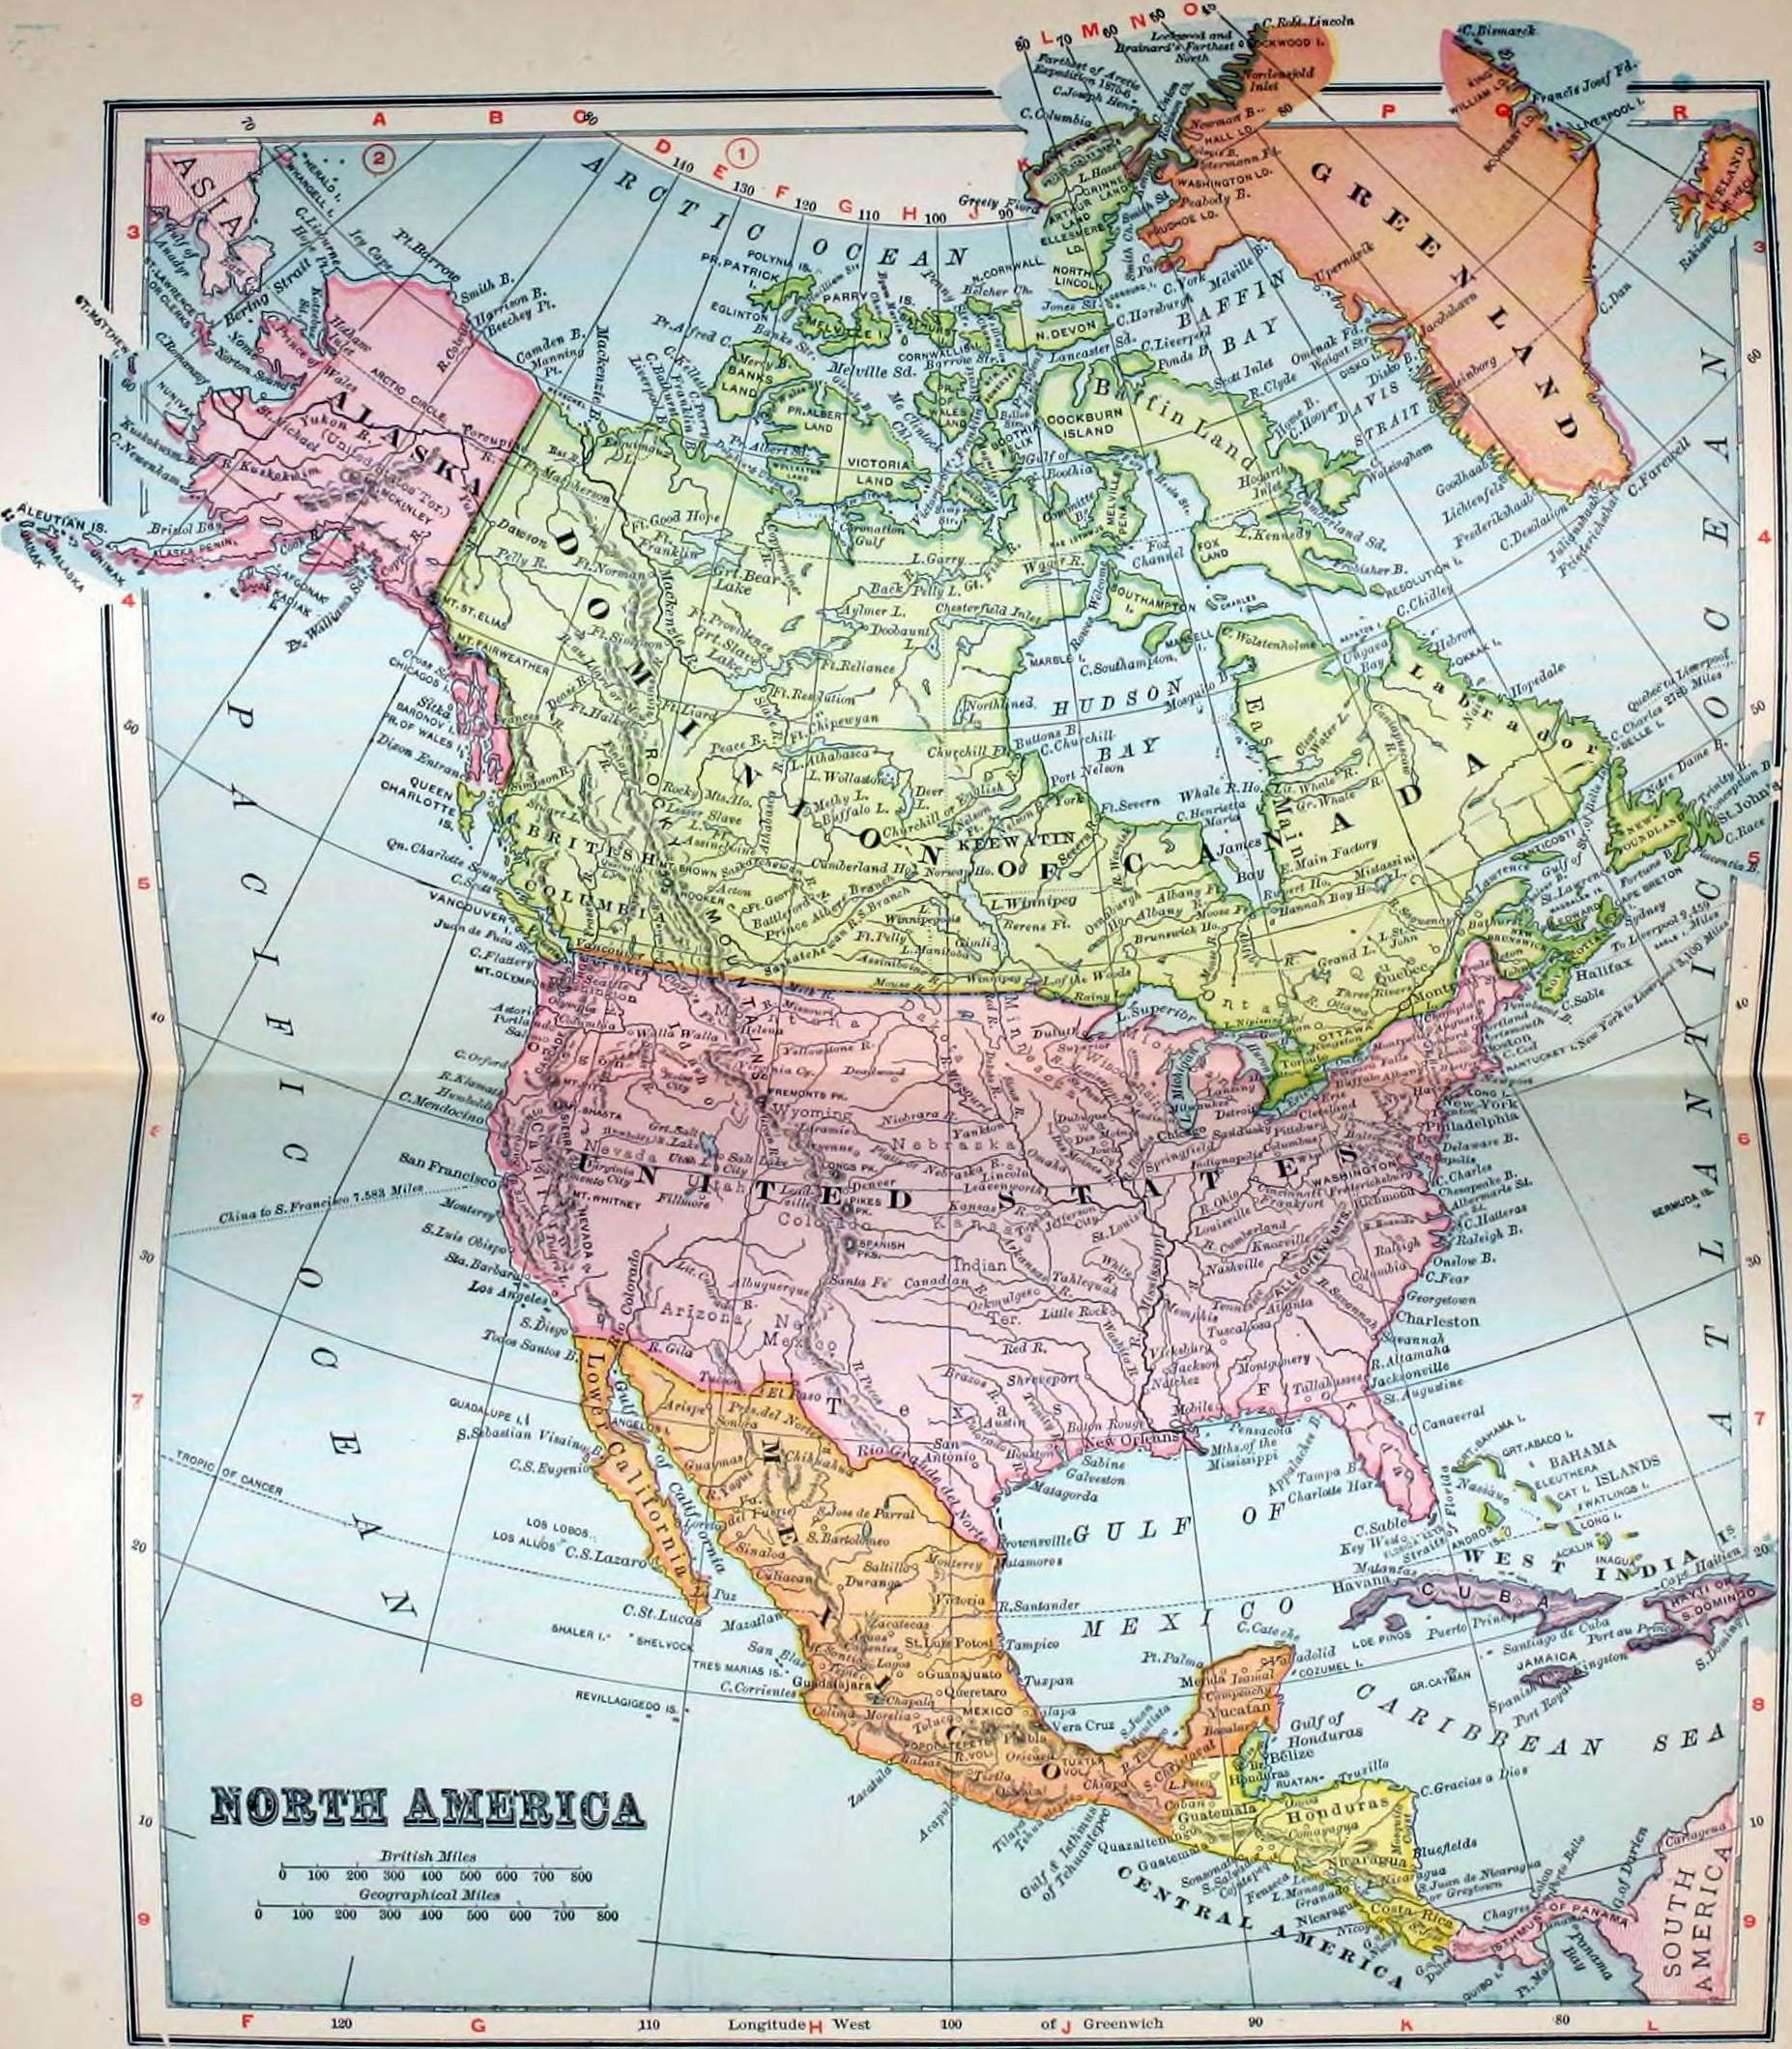 1905 in North America